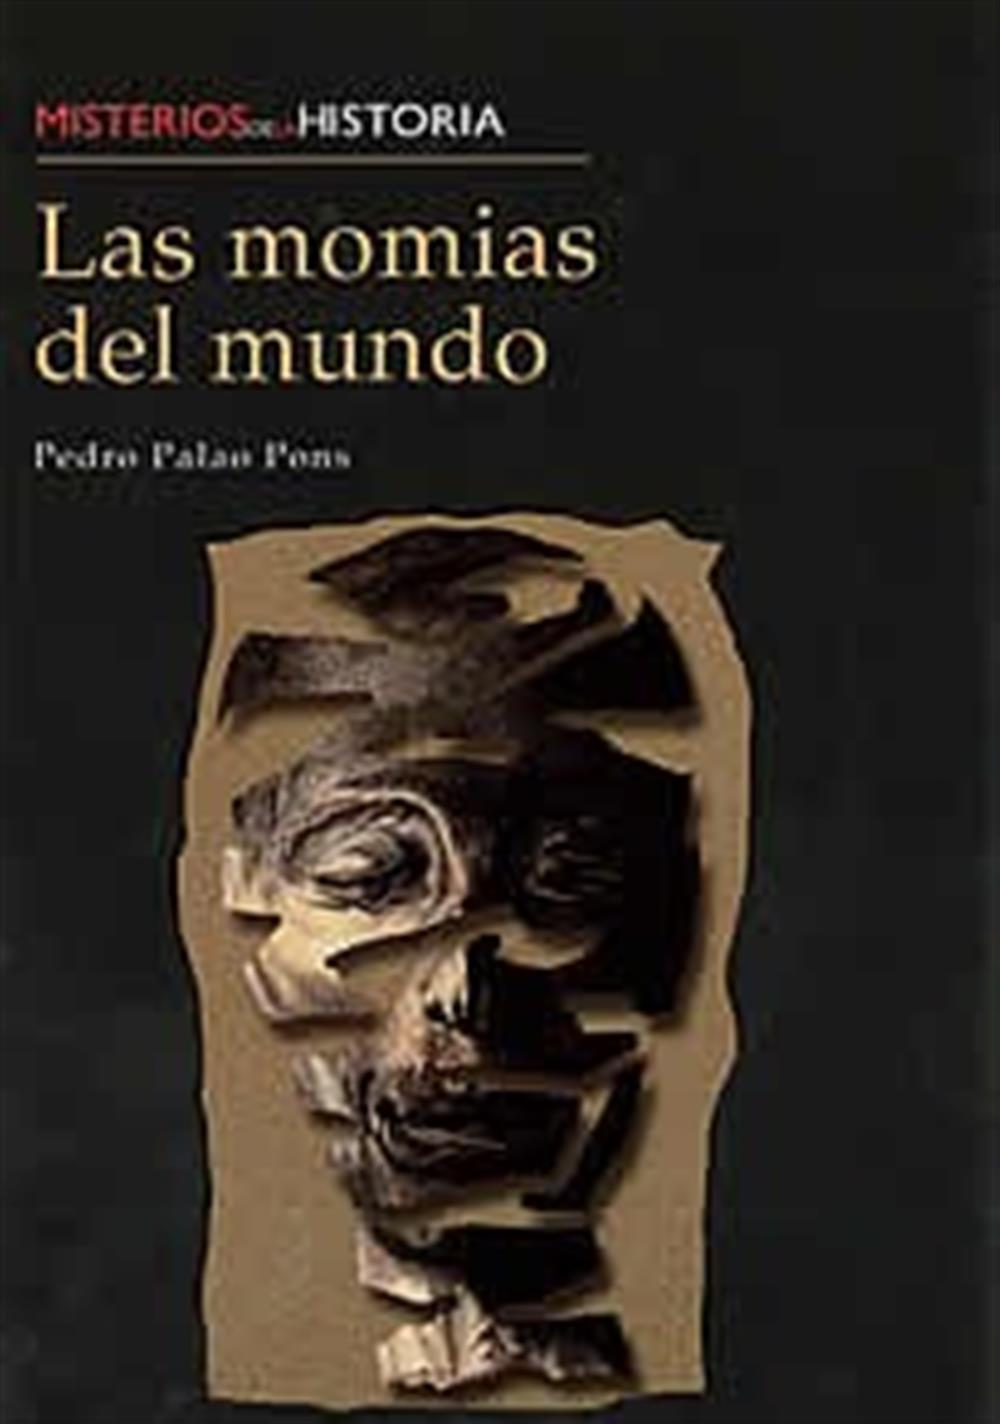 Las momias del mundo